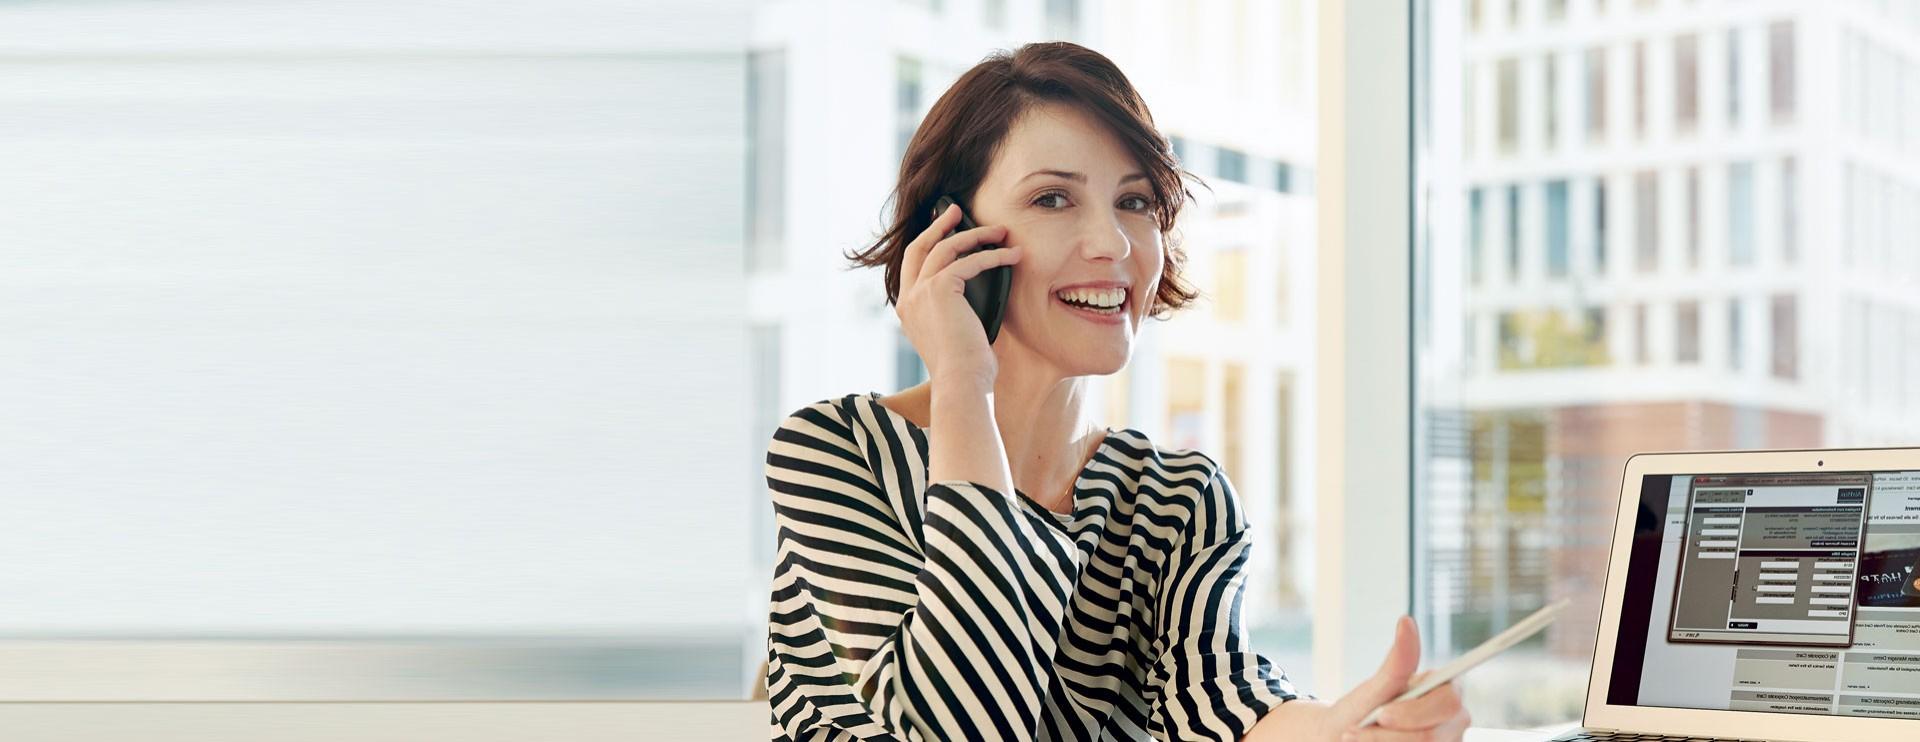 Frau an einem Mobiltelefon vor einem Computer